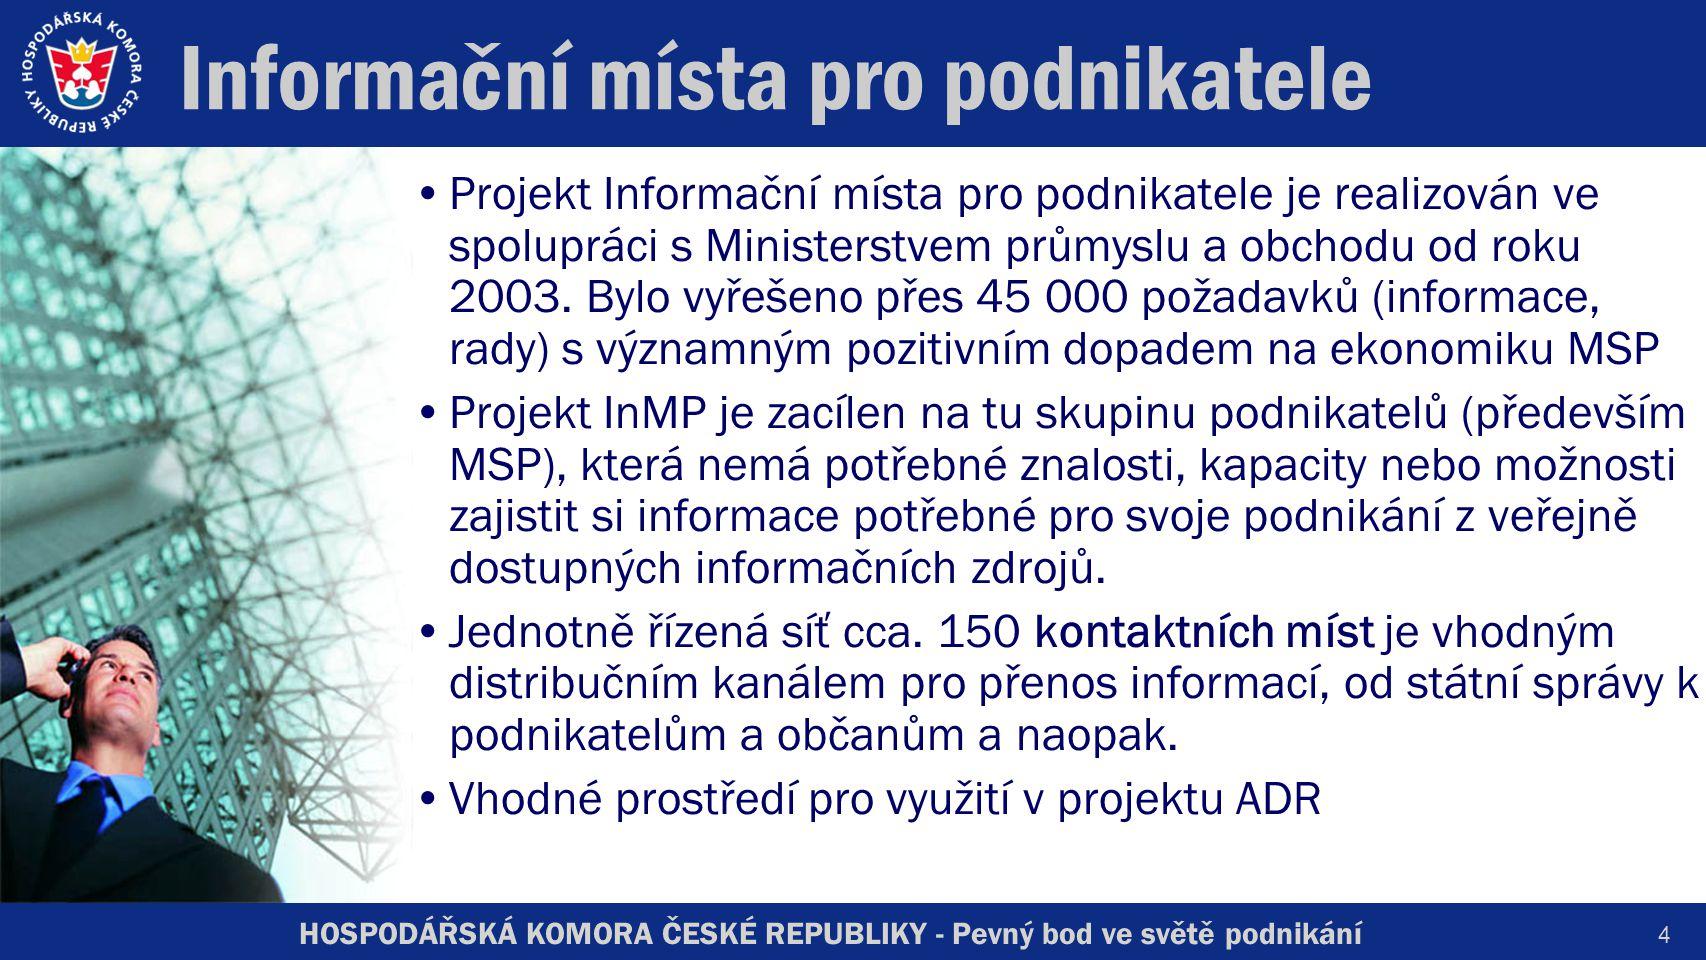 HOSPODÁŘSKÁ KOMORA ČESKÉ REPUBLIKY - Pevný bod ve světě podnikání 4 Informační místa pro podnikatele Projekt Informační místa pro podnikatele je realizován ve spolupráci s Ministerstvem průmyslu a obchodu od roku 2003.